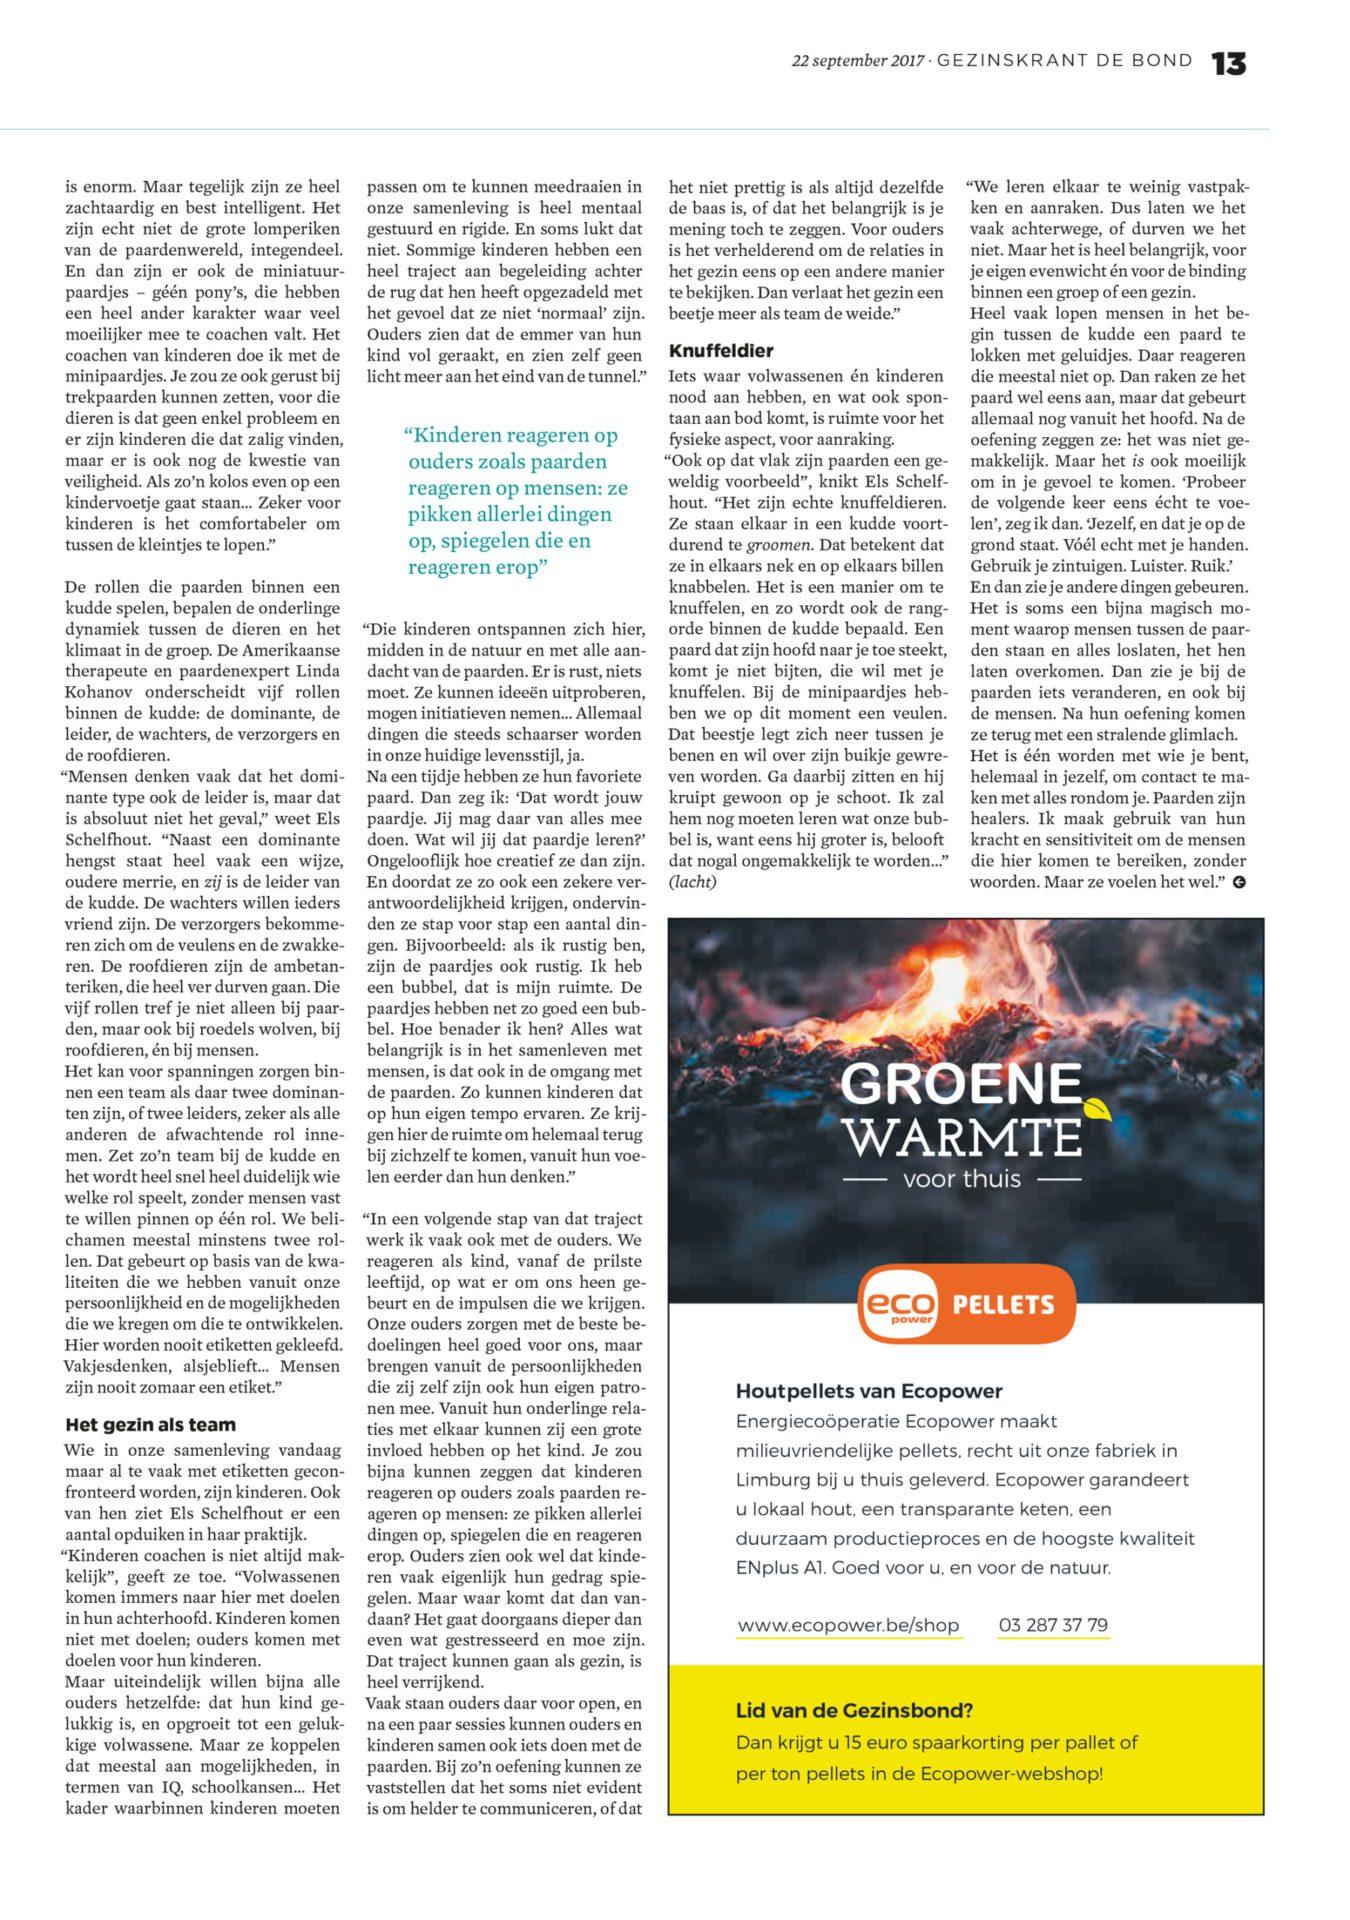 Artikel in De Bond